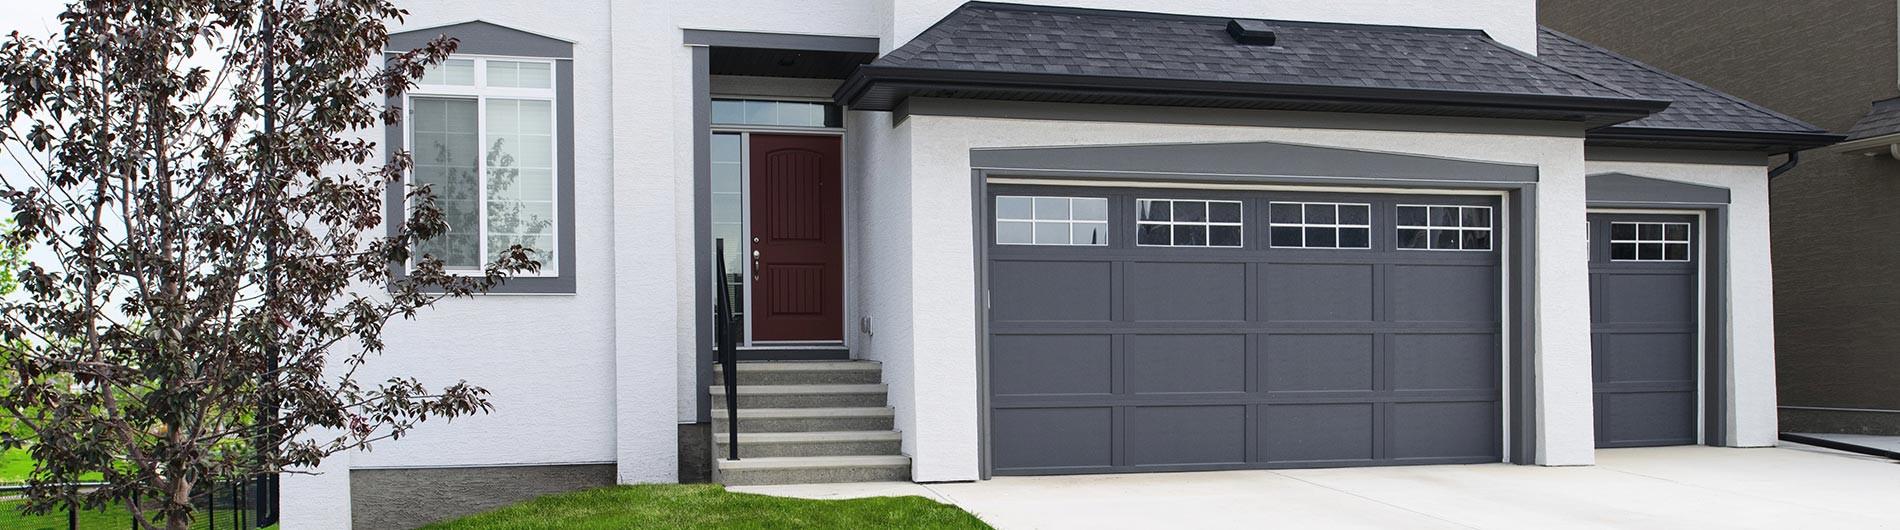 9700-CH-Garage-Door-Westfield-Custom-Pai